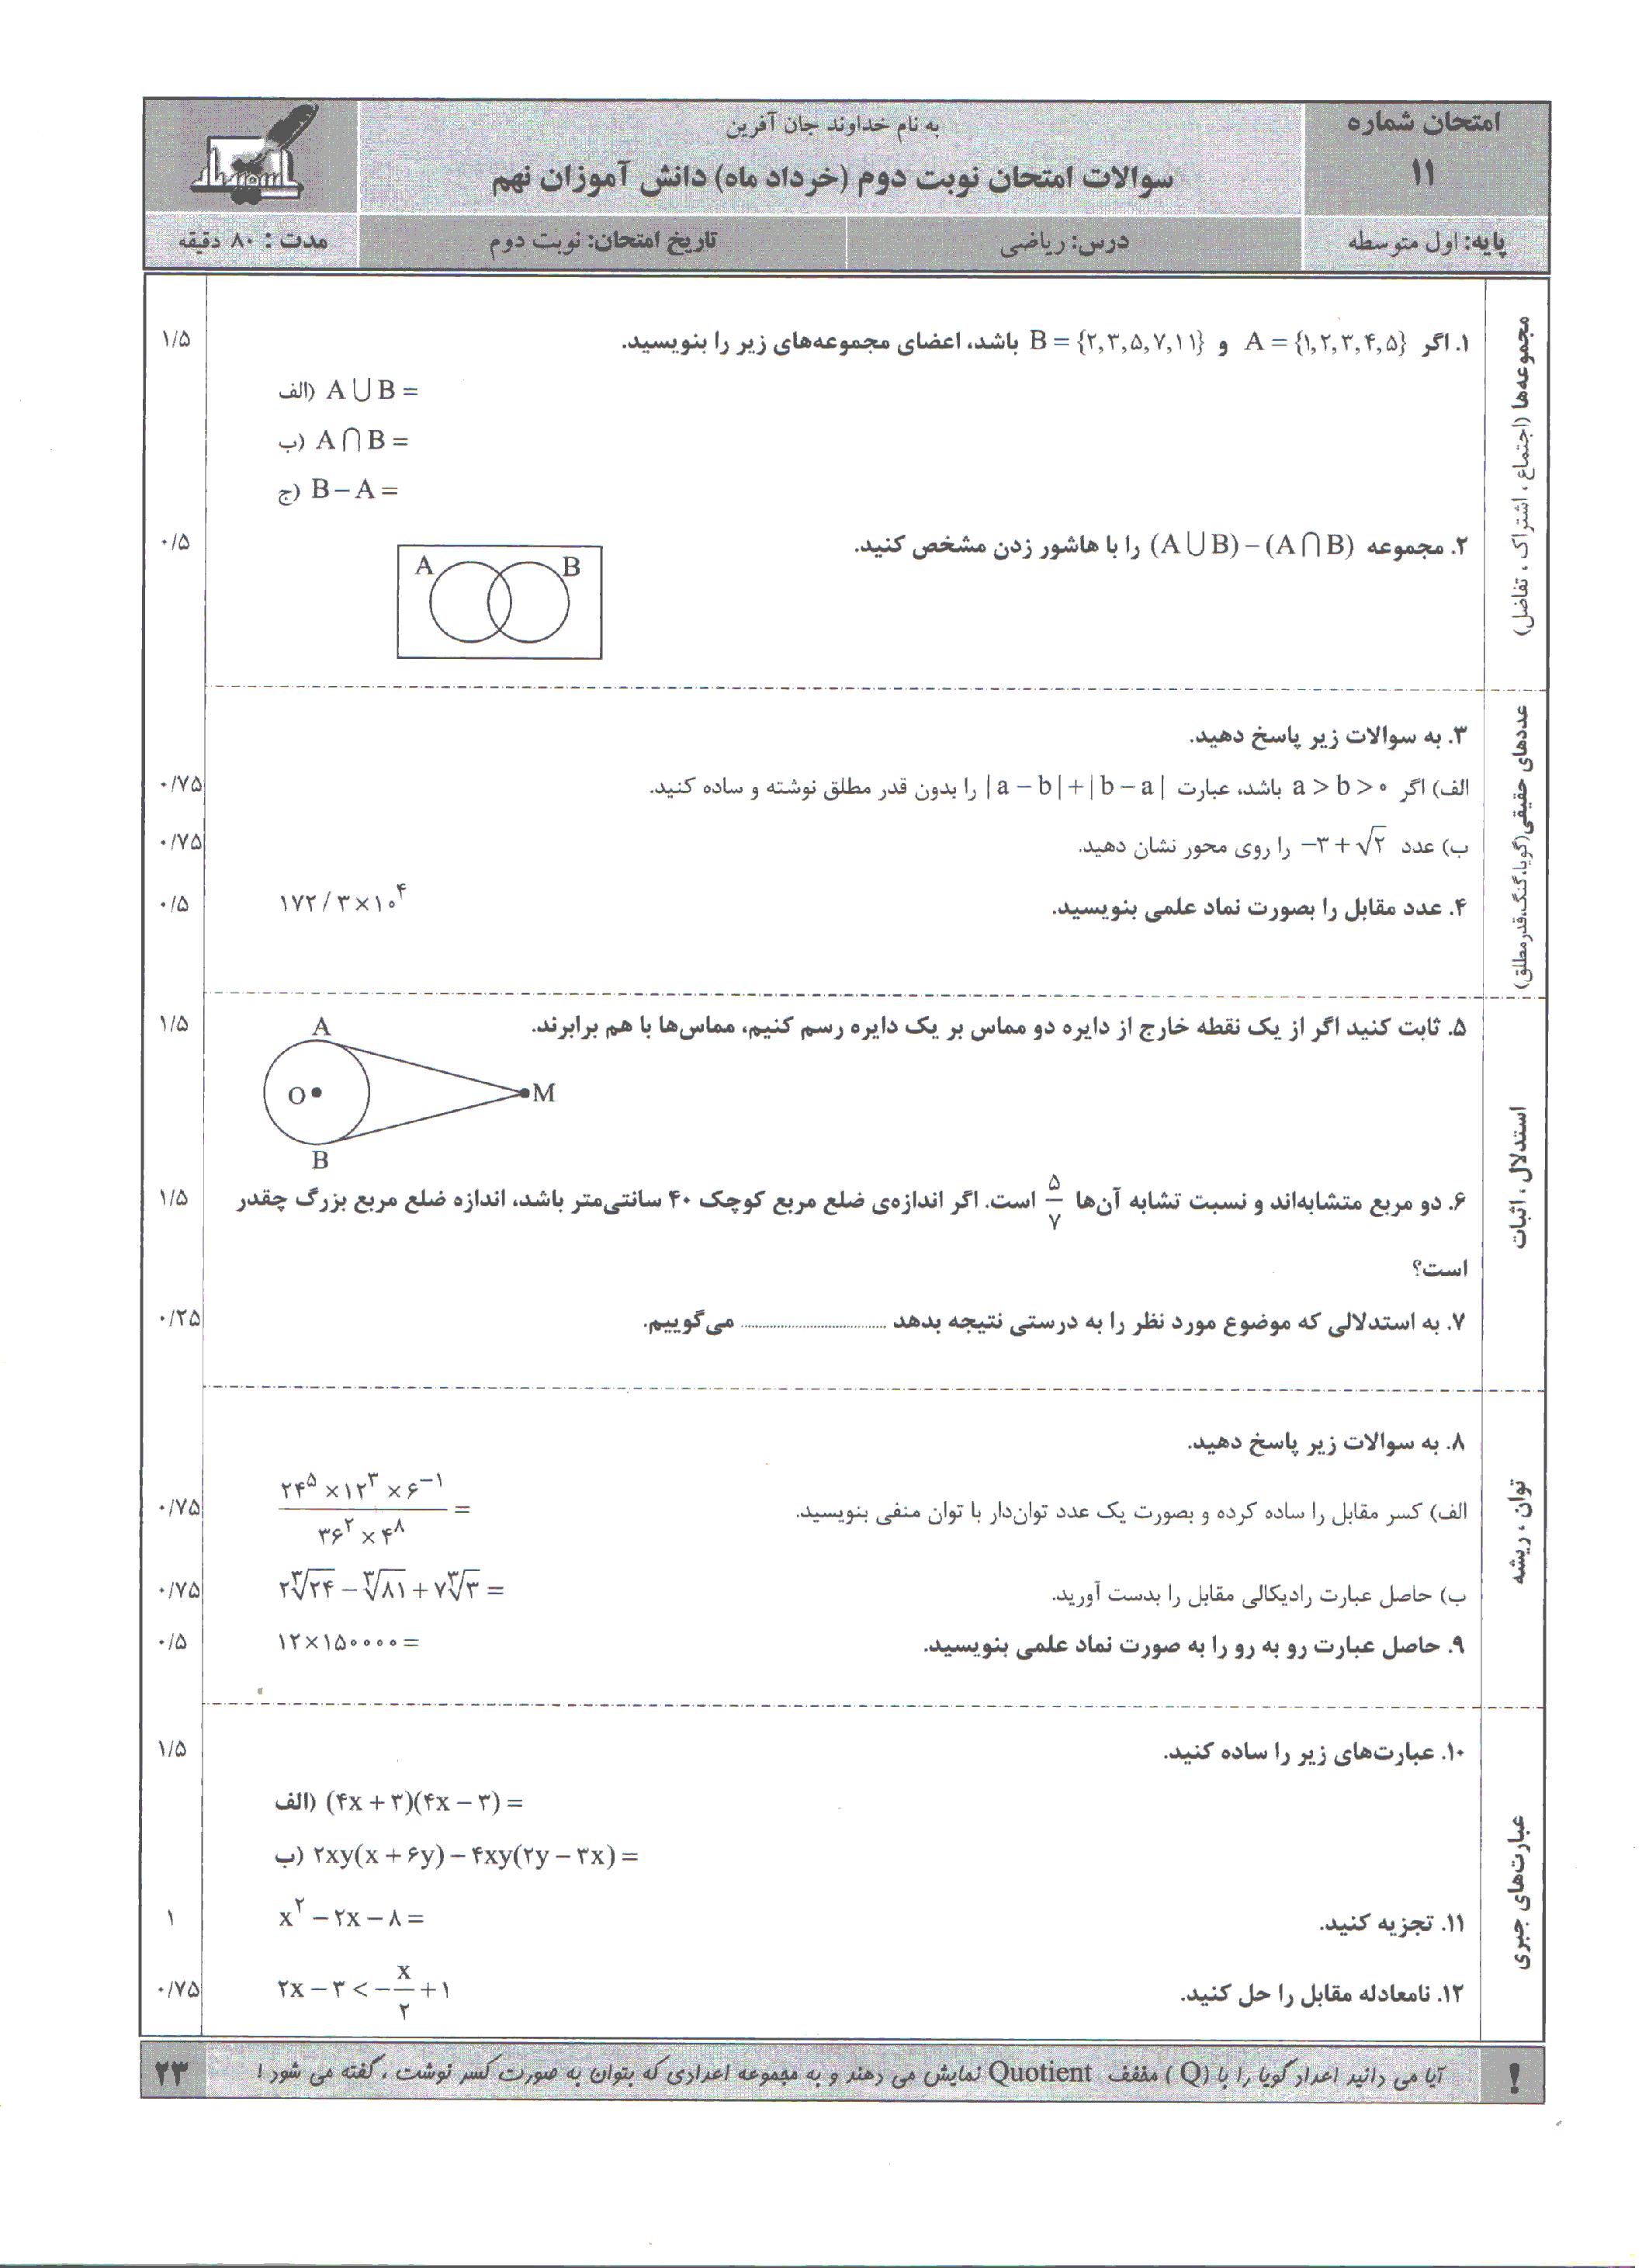 آزمون نوبت دوم ریاضی 9 نهم- شماره 11 اسفندیار+پاسخنامه